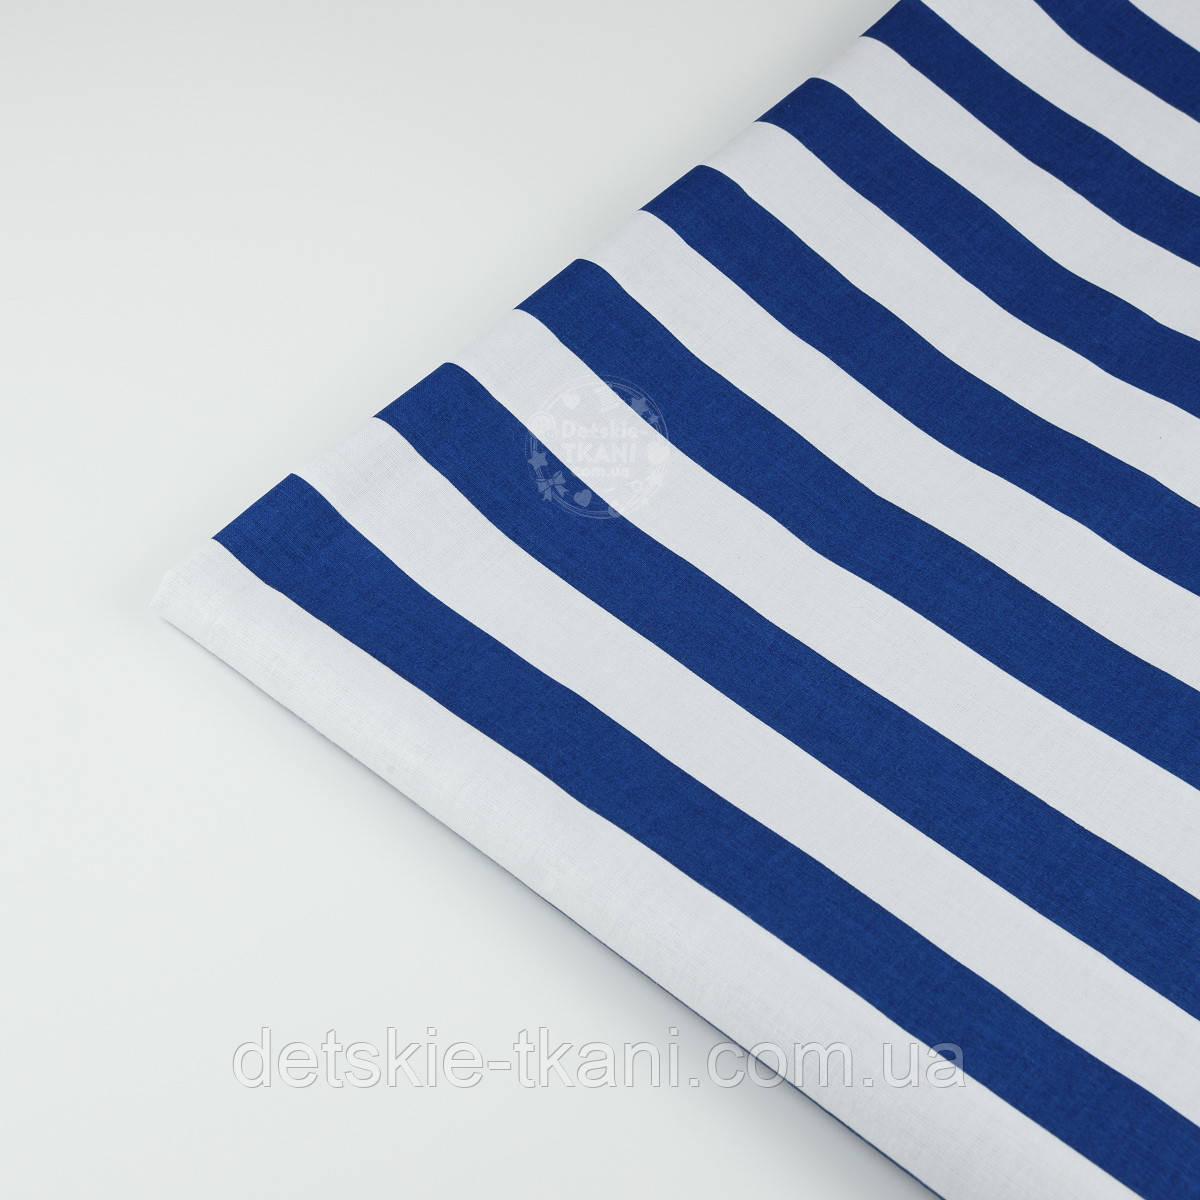 Лоскут ткани синей полоской 25 мм на белом (№1346)